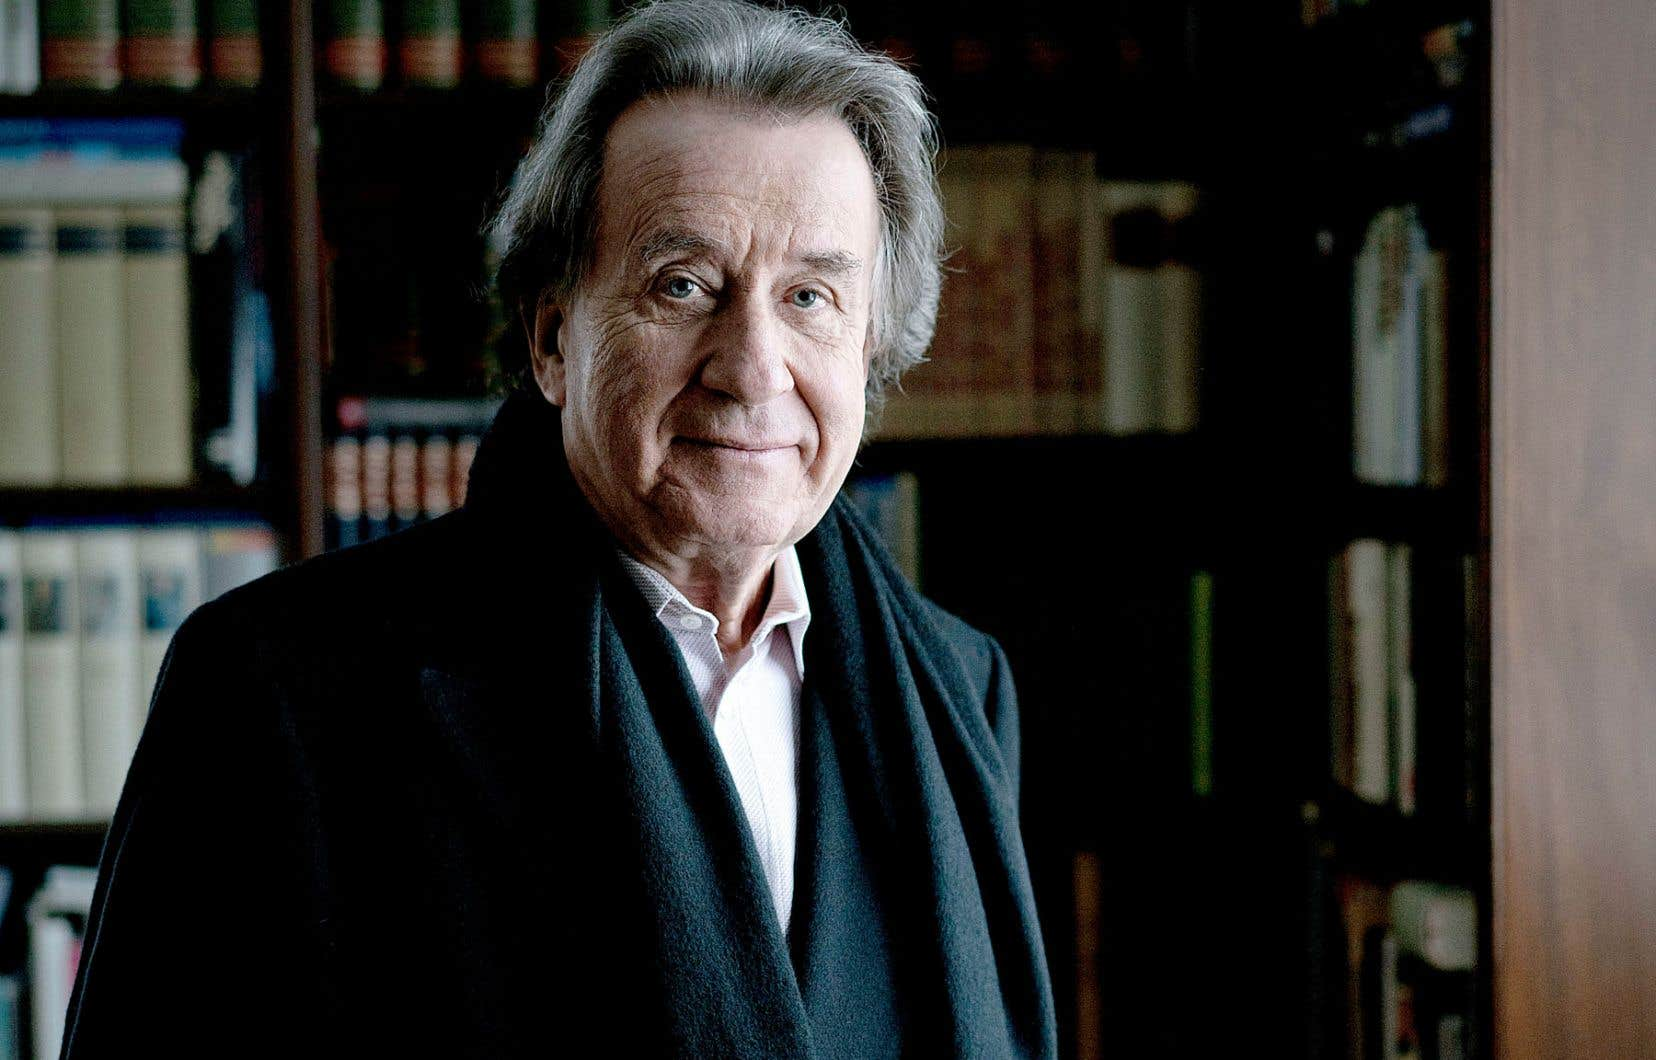 Après avoir été le pianiste du répertoire germanique chez Teldec entre 1980 et 2000, puis chez Sony, Rudolf Buchbinder est désormais un artiste exclusif Deutsche Grammophon. À 73ans, il ne faut surtout pas lui parler de «maturité». Il préfère le mot «liberté».